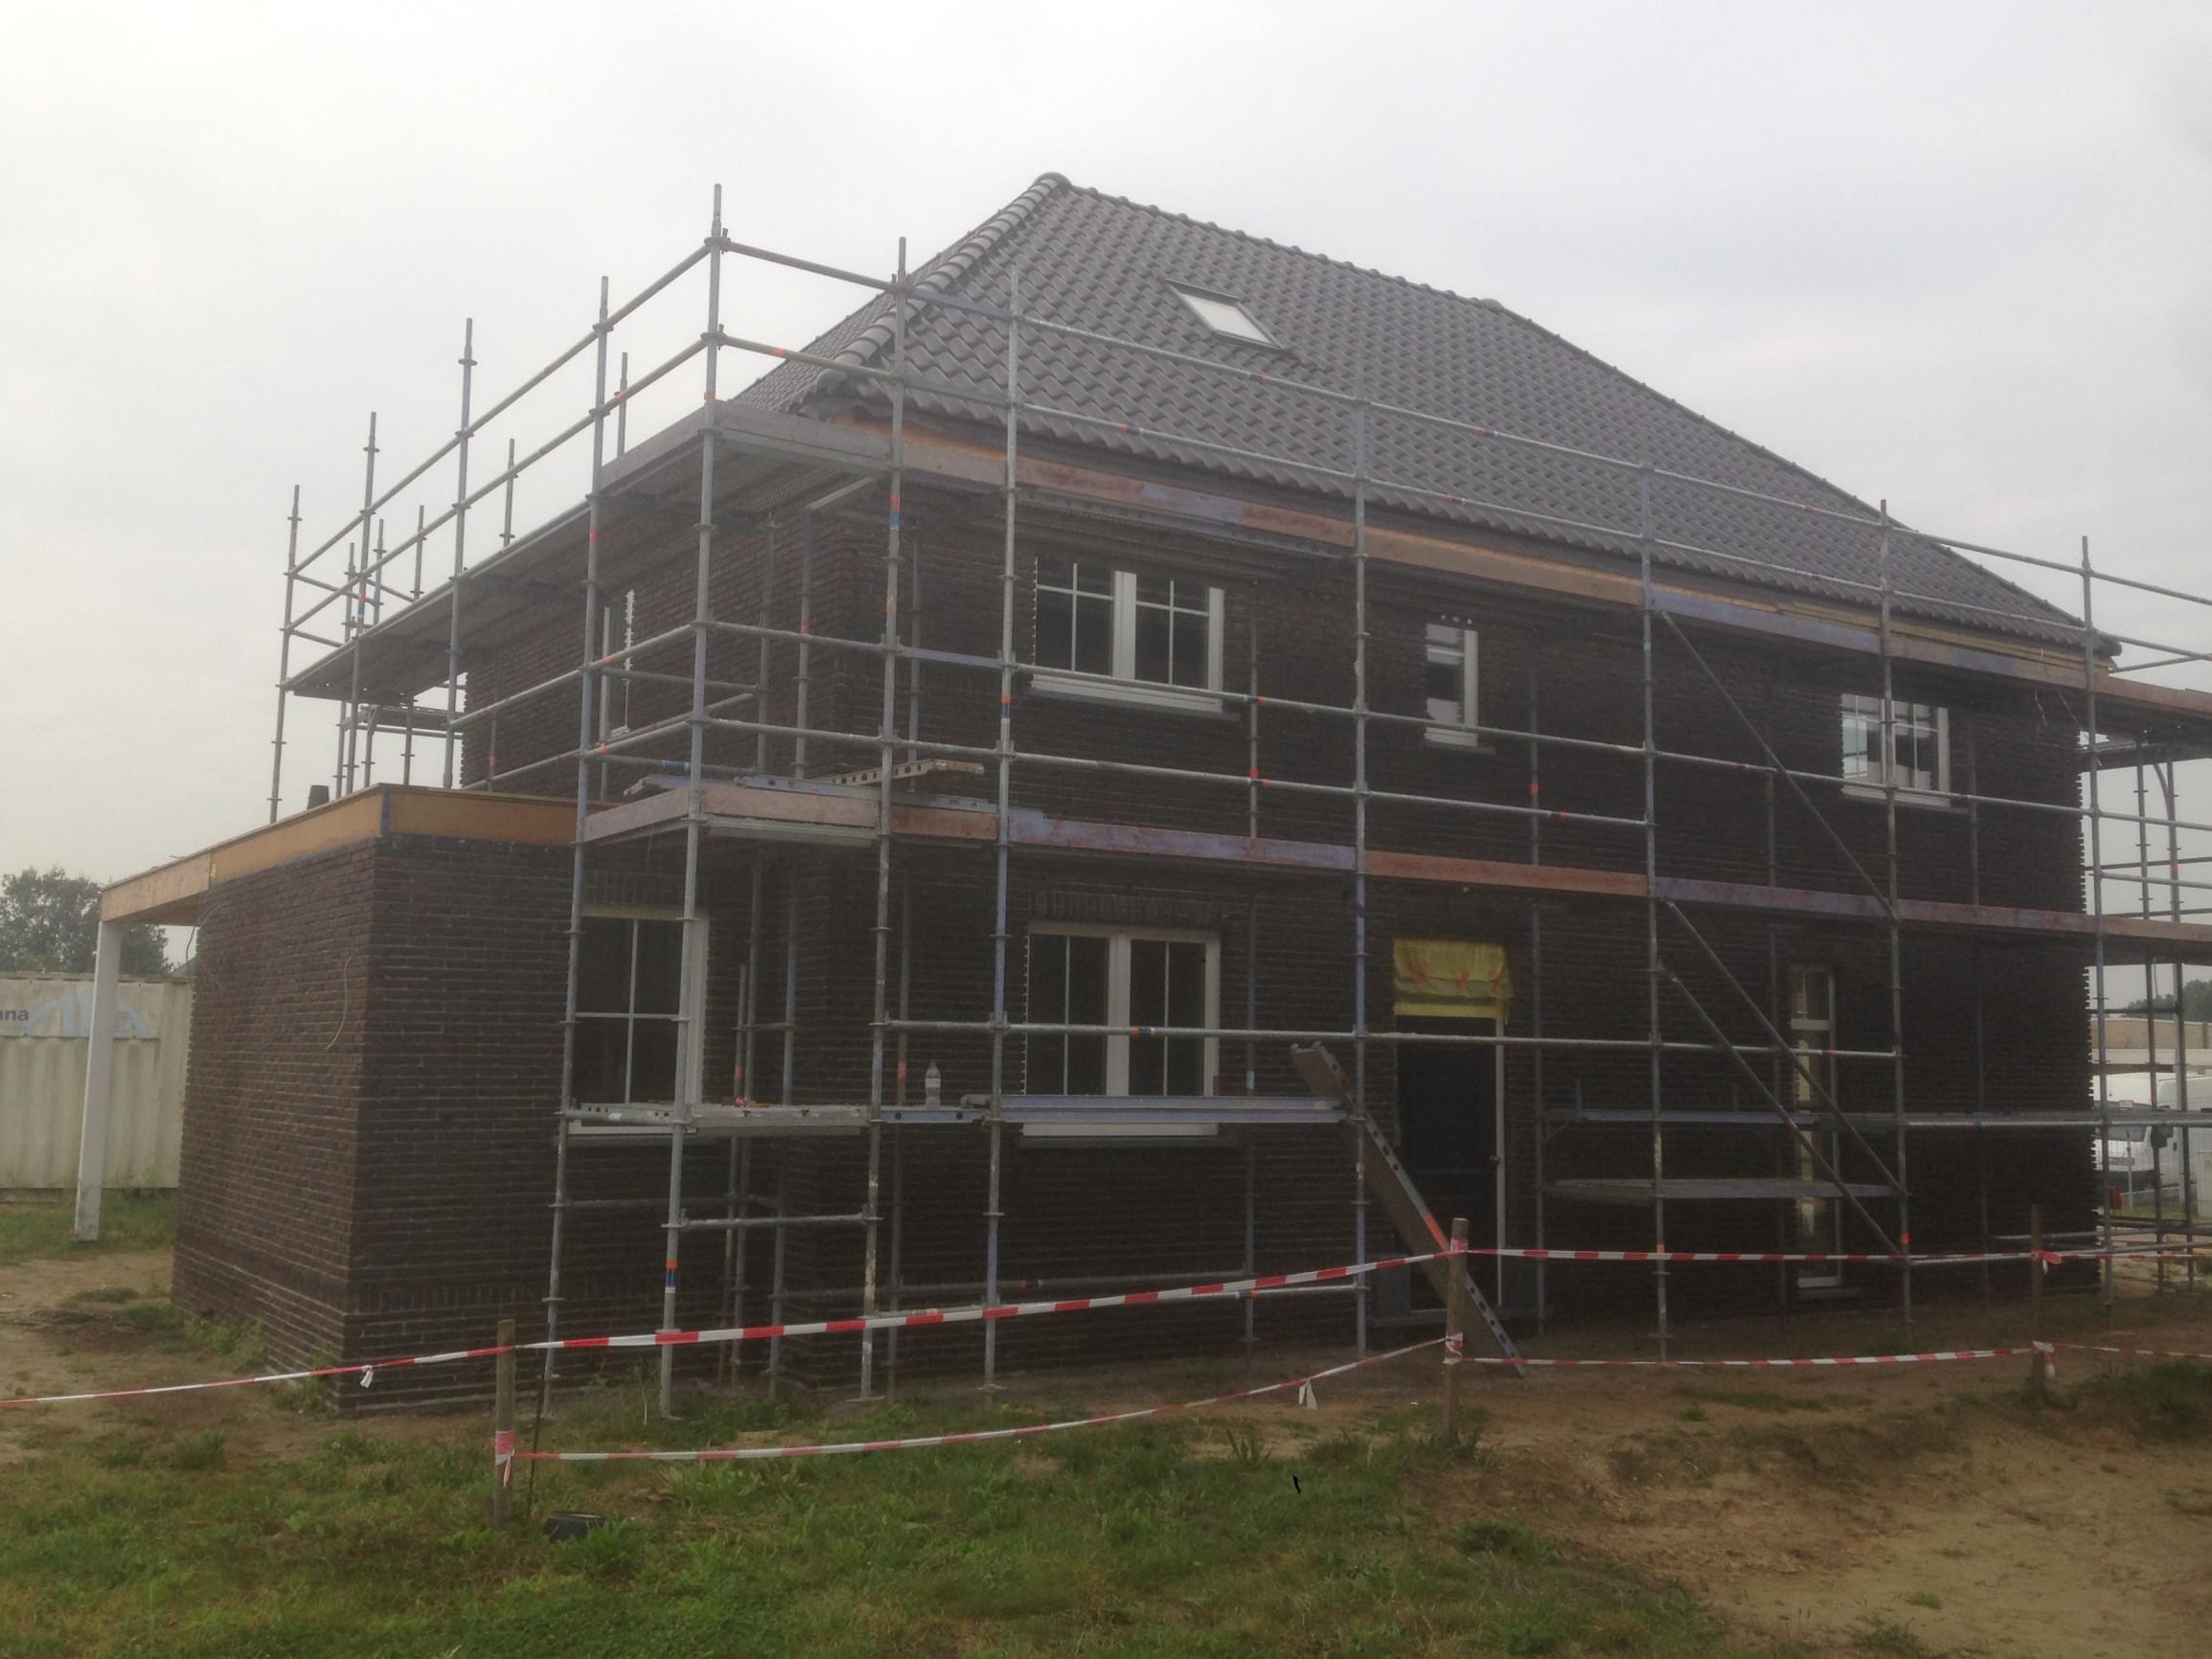 16212-2-nieuwbouwzondag-arkana-ben-woning-in-houtskeletbouw